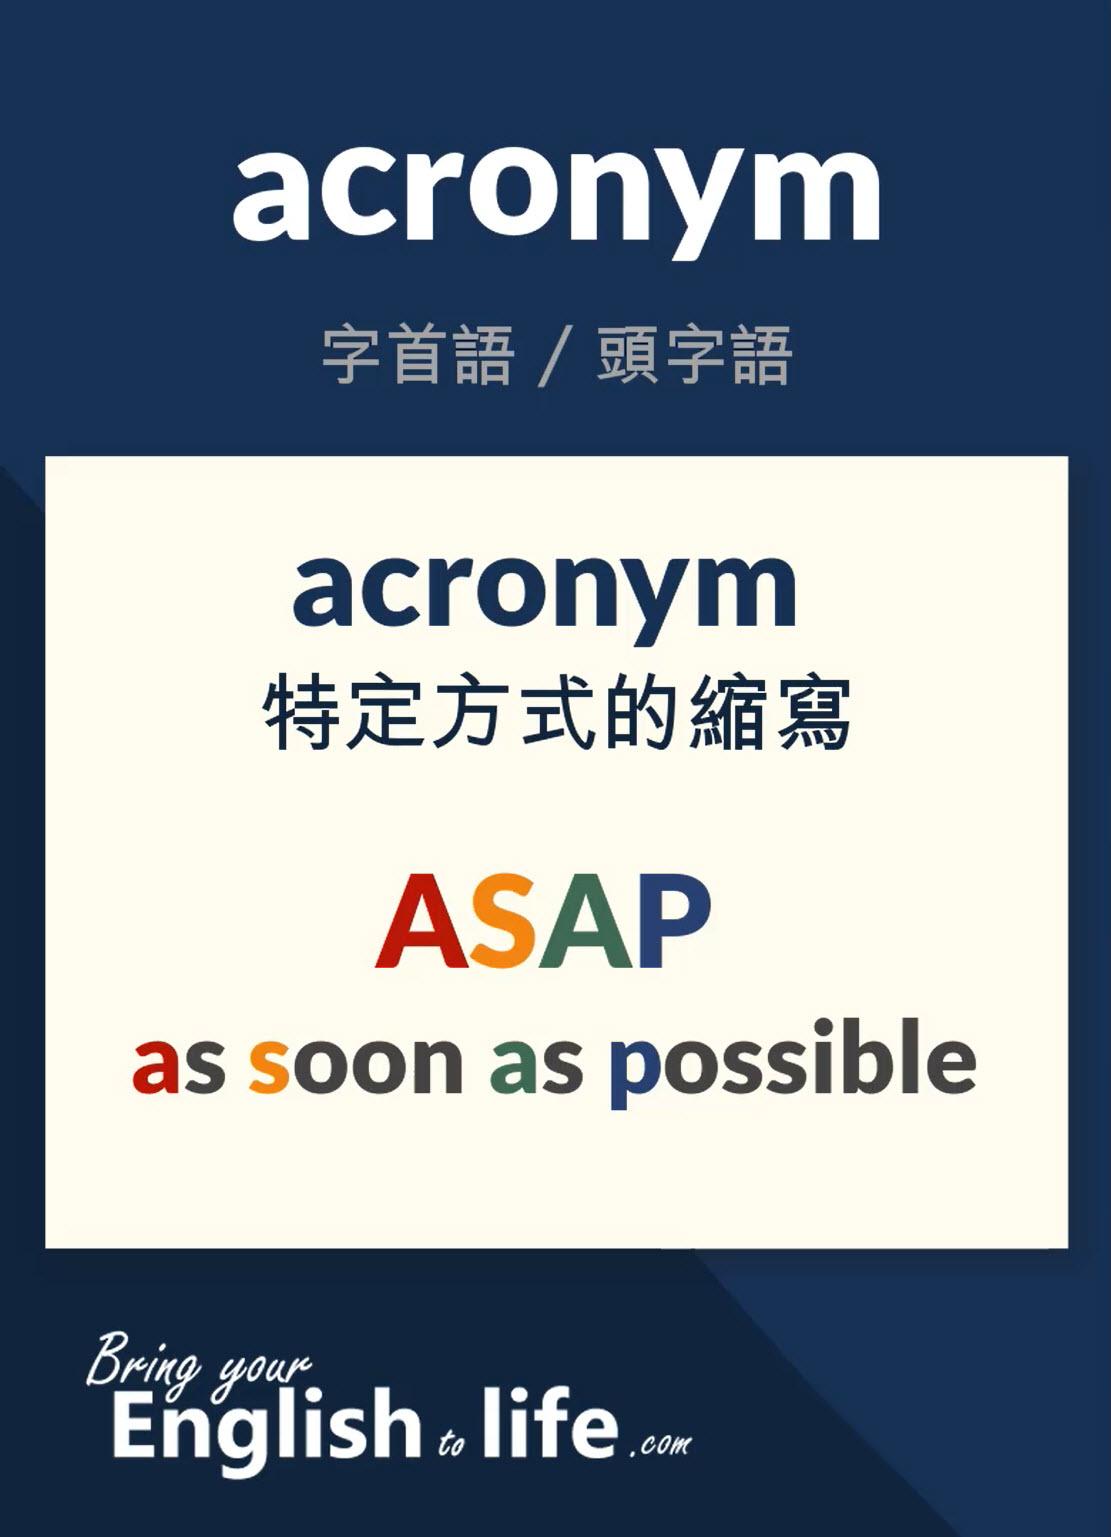 英文縮寫的小知識|abbreviation 與 acronym 的差別 - 活化英文